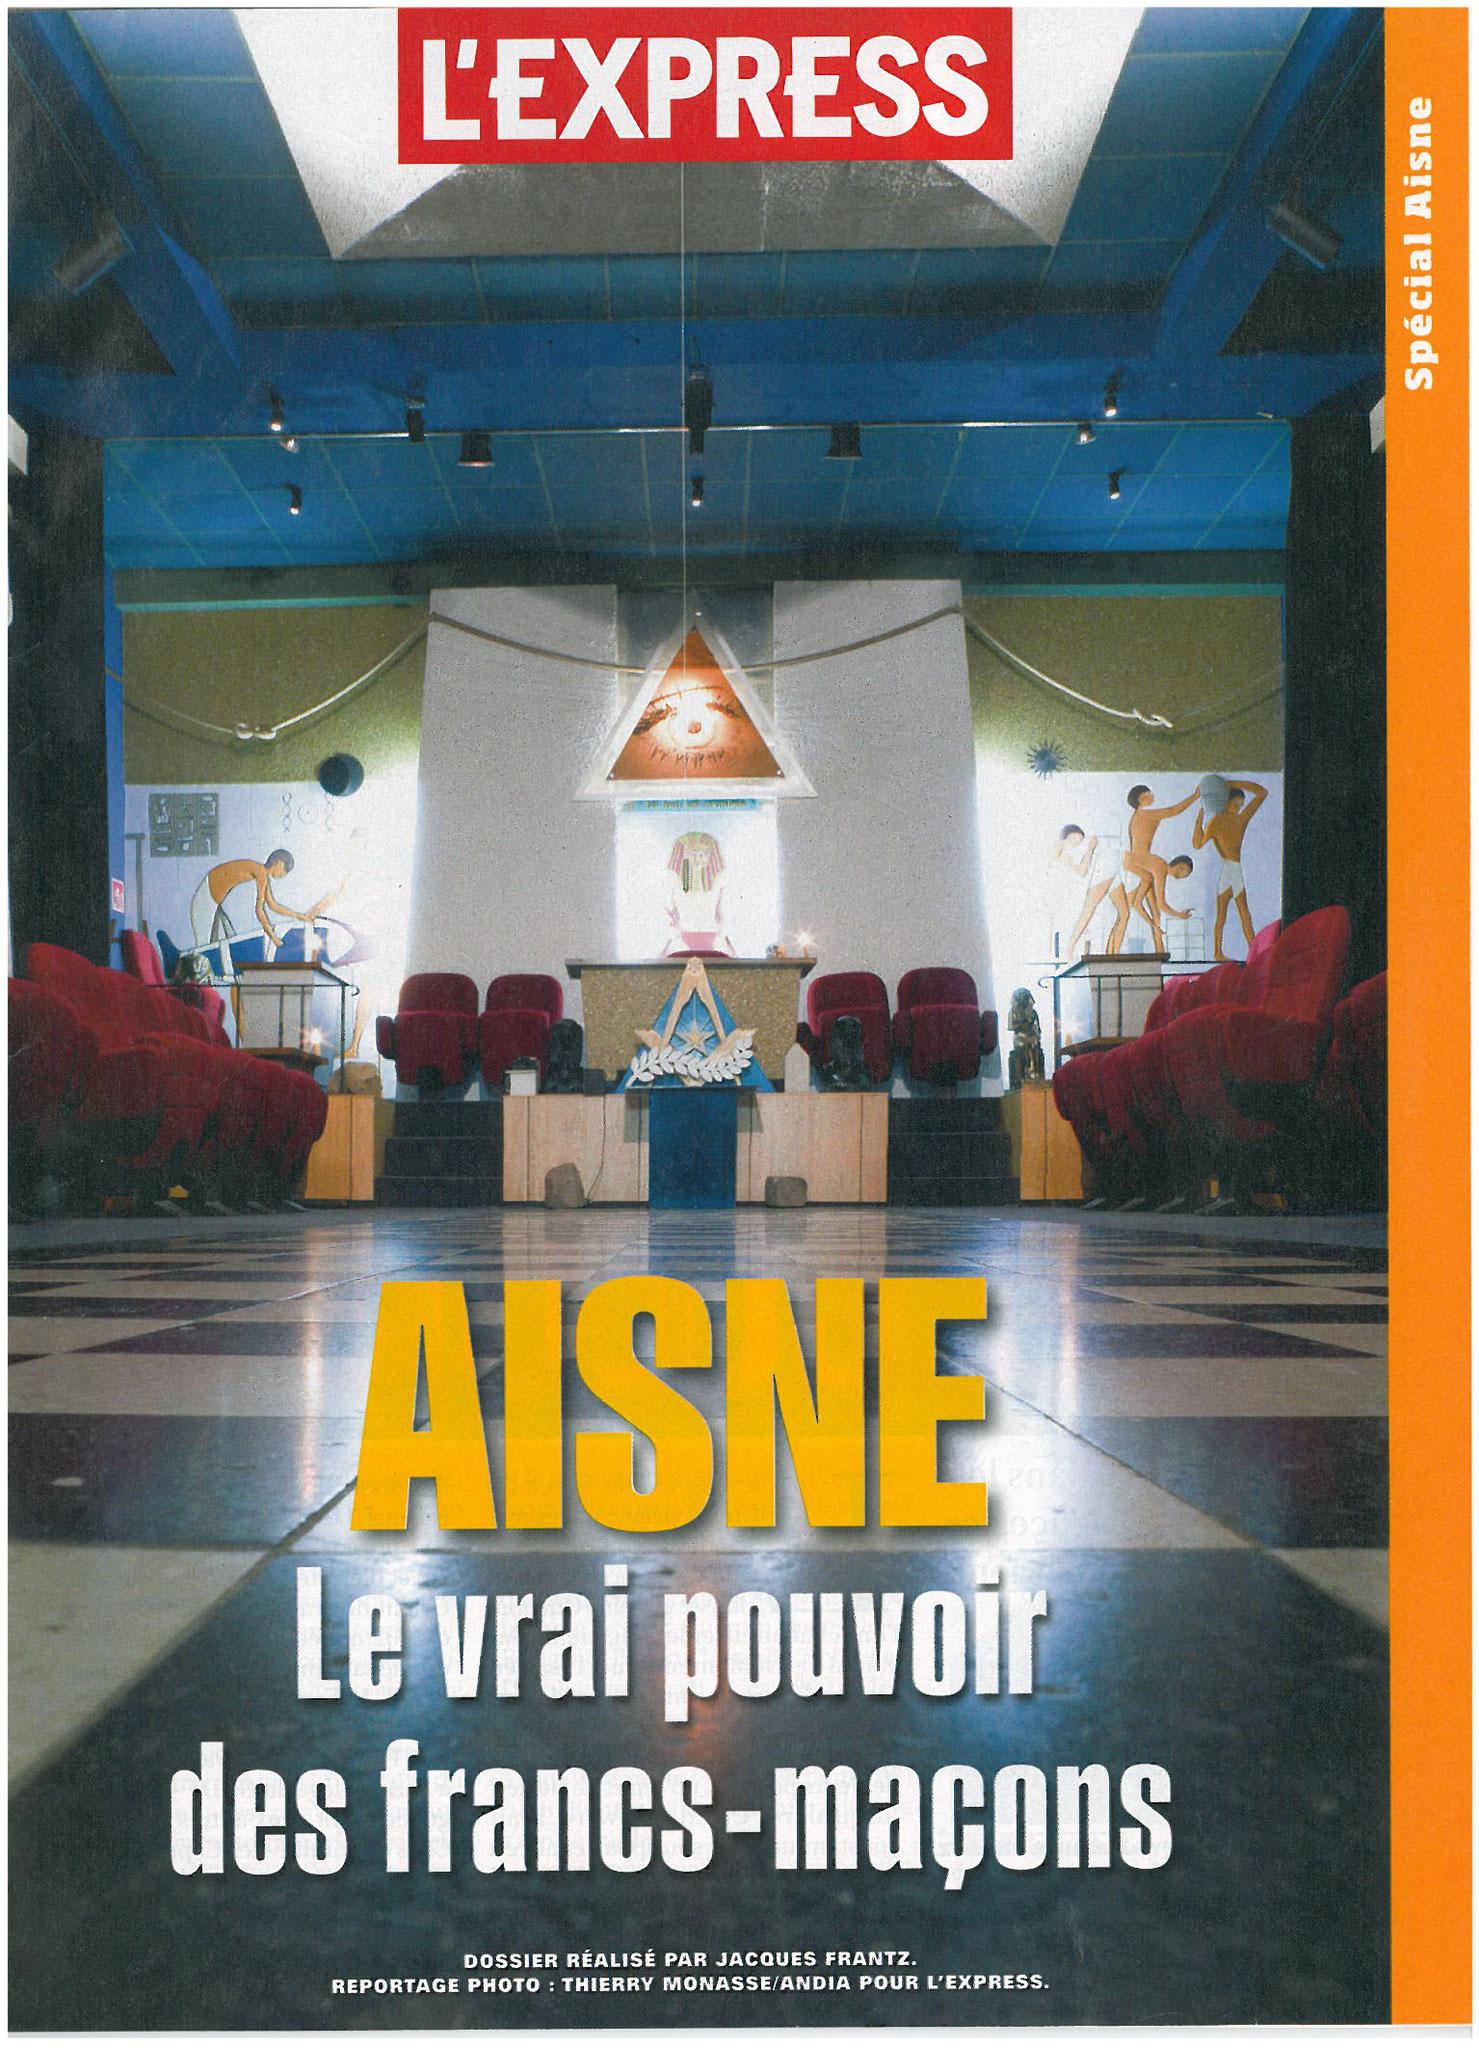 L'EXPRESS N°3067 semaine du 15 au 21 avril 2010 AISNE Le Vrai Pouvoir des Francs-Maçons site www.alerterouge-france.fr